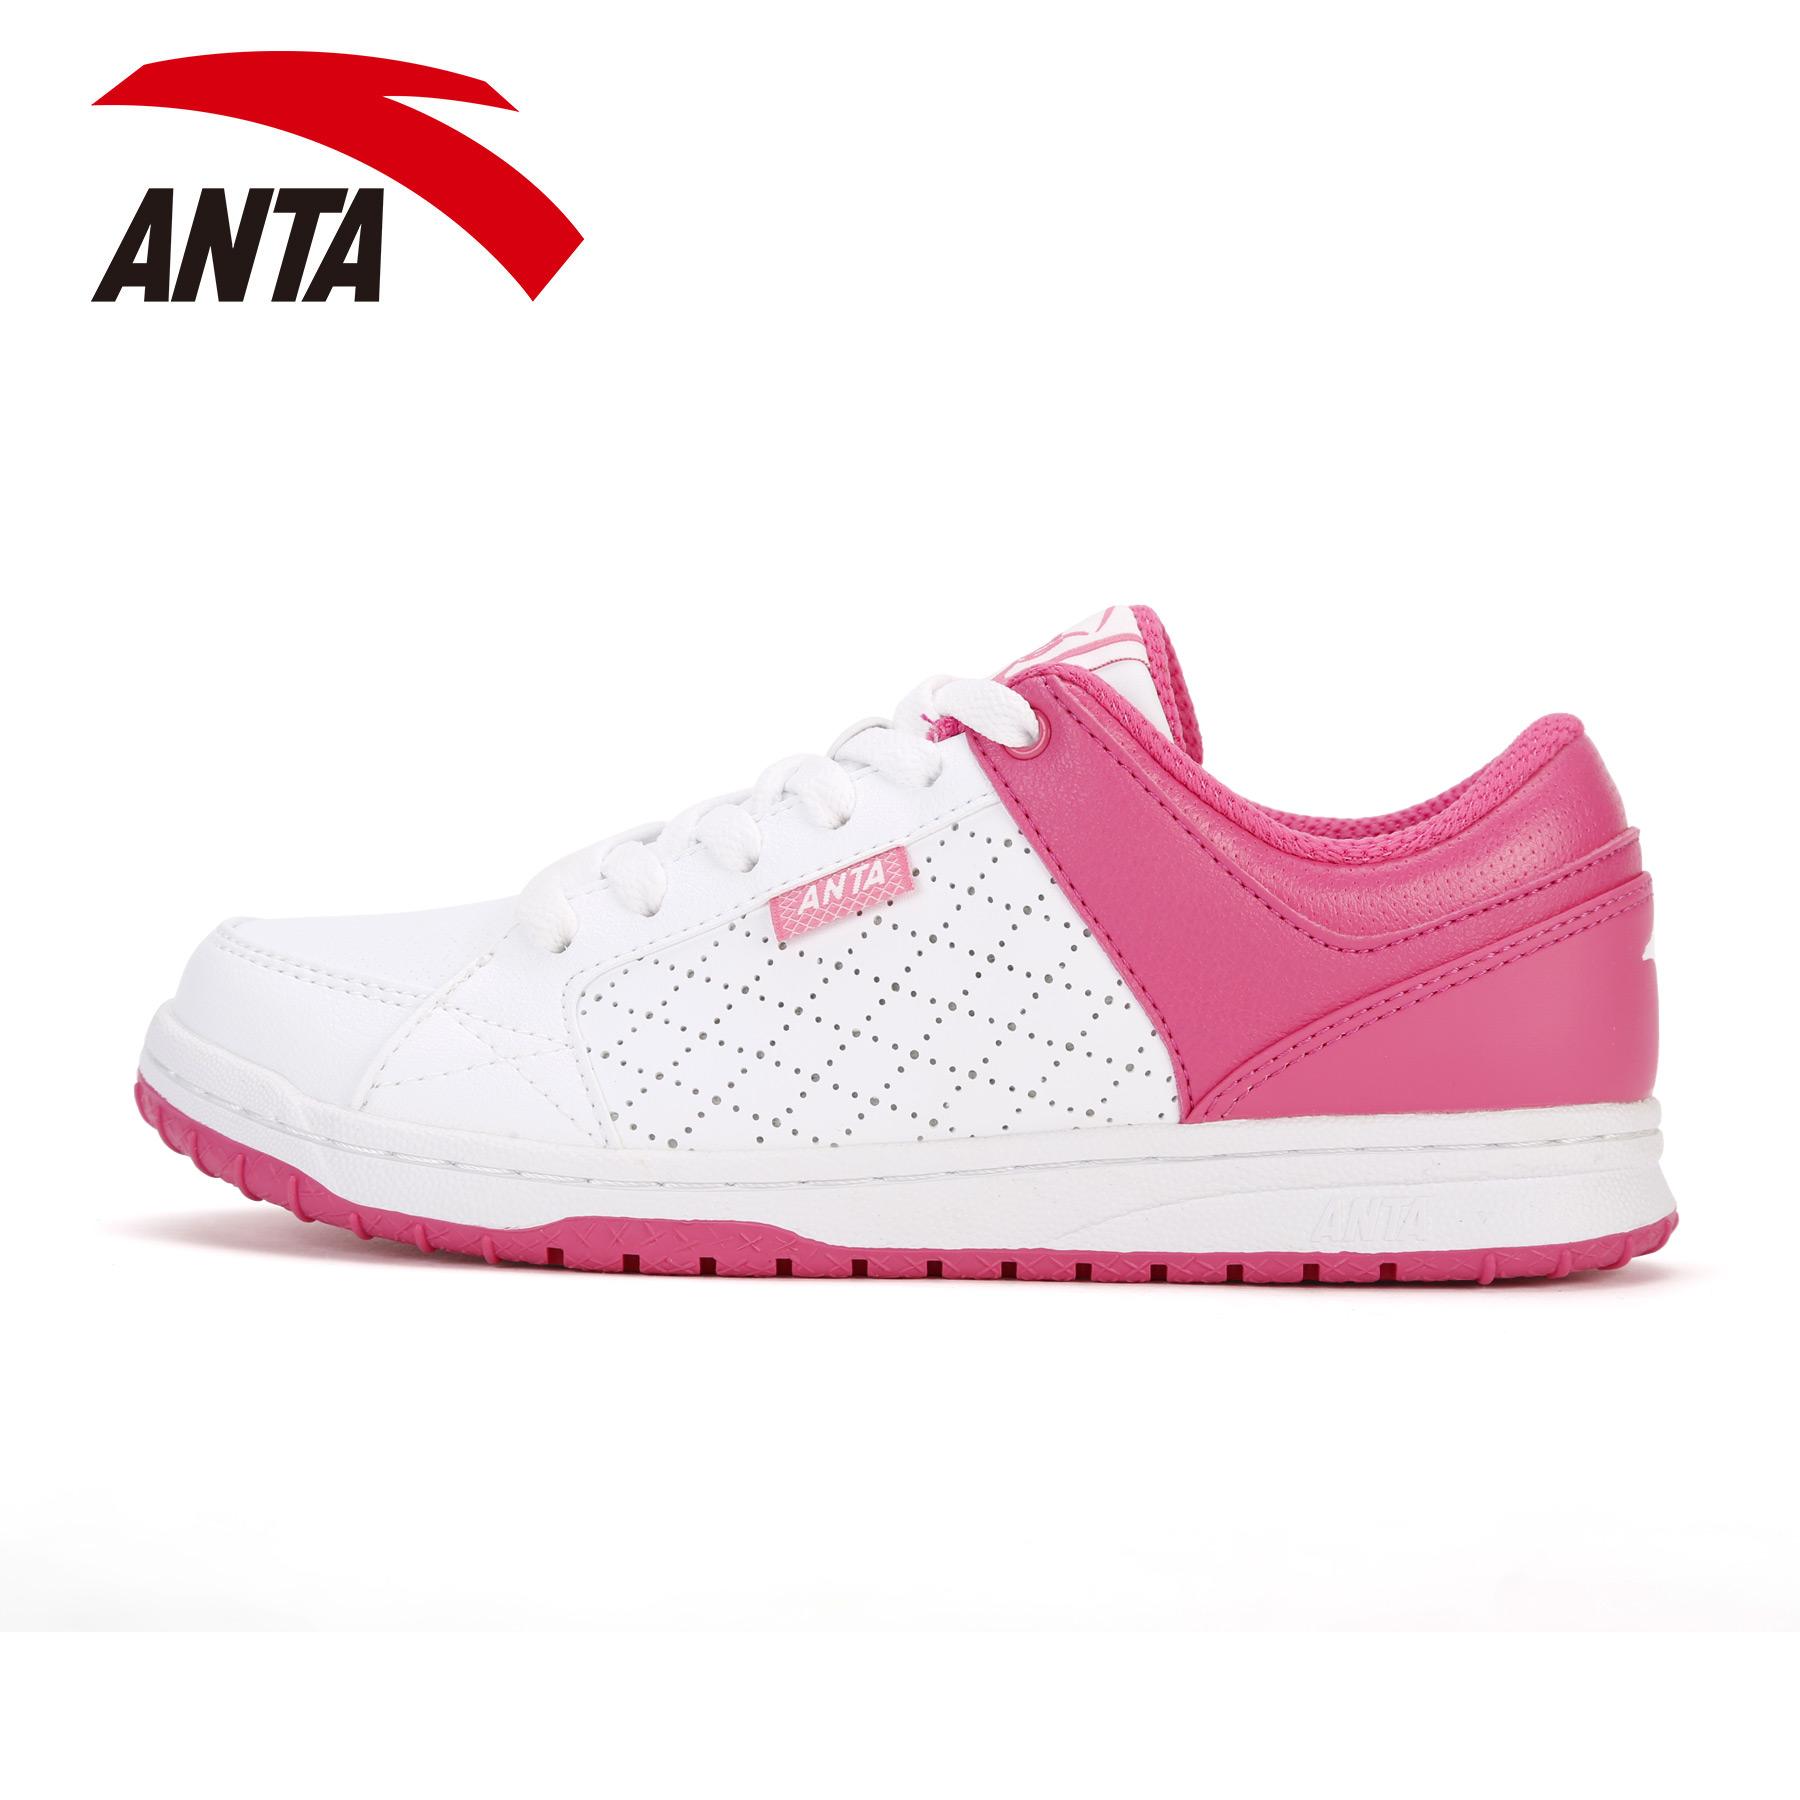 Российское представительство: ANTA Sports Products